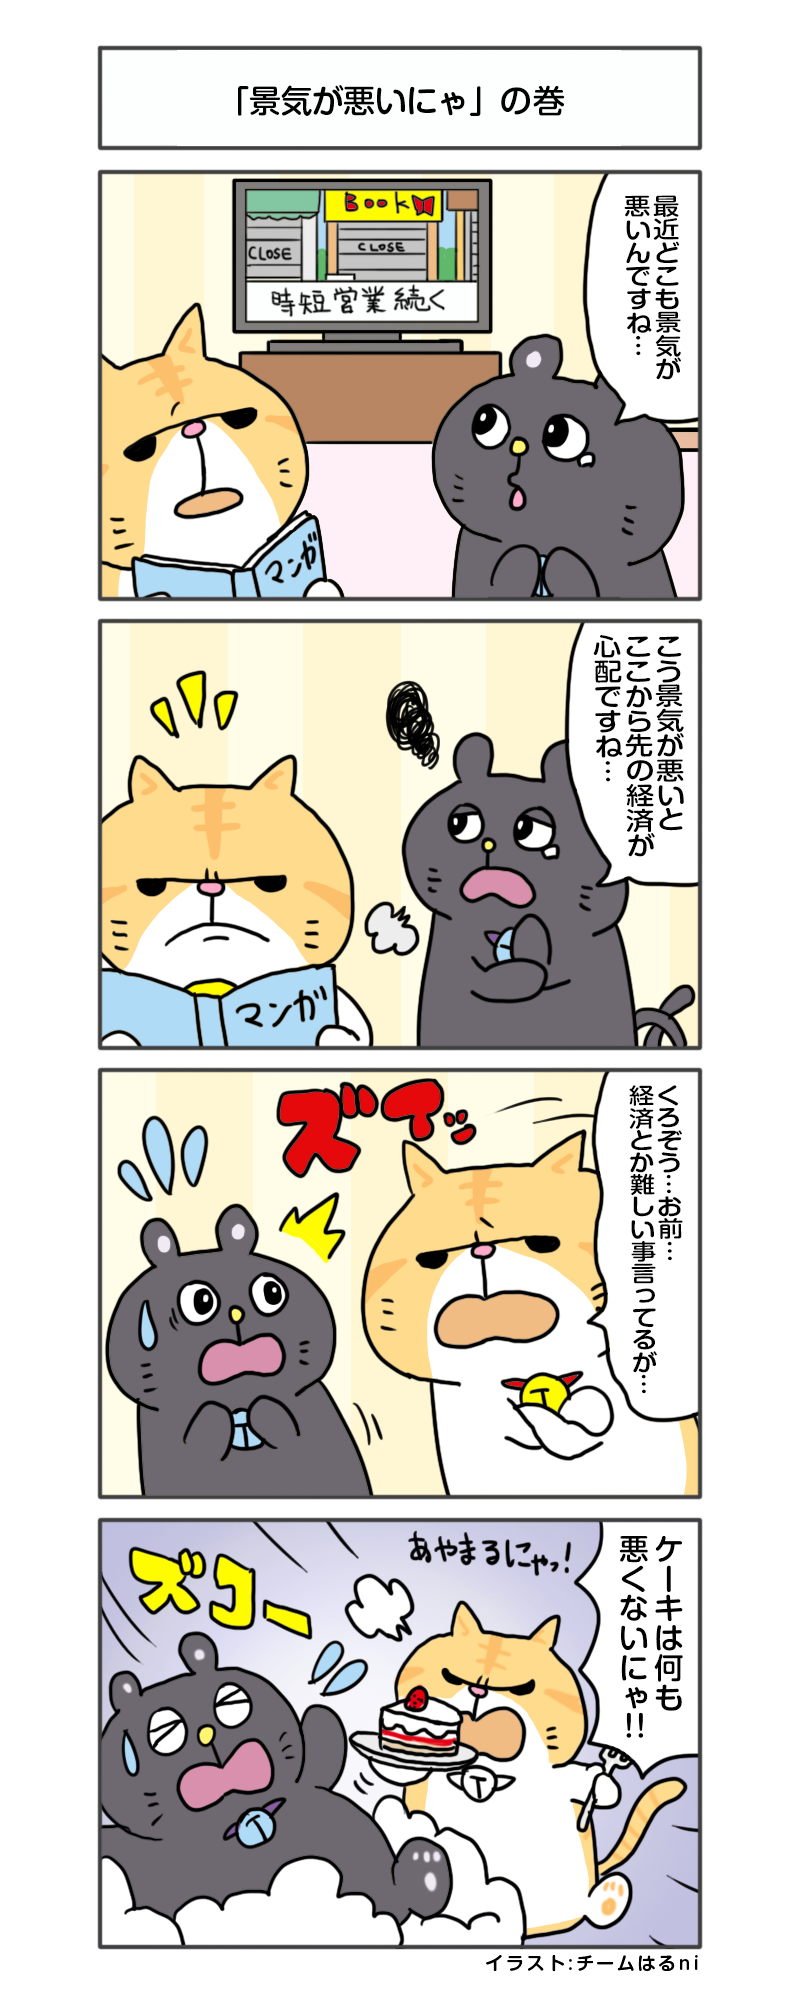 えきぞうmanga_vol.302